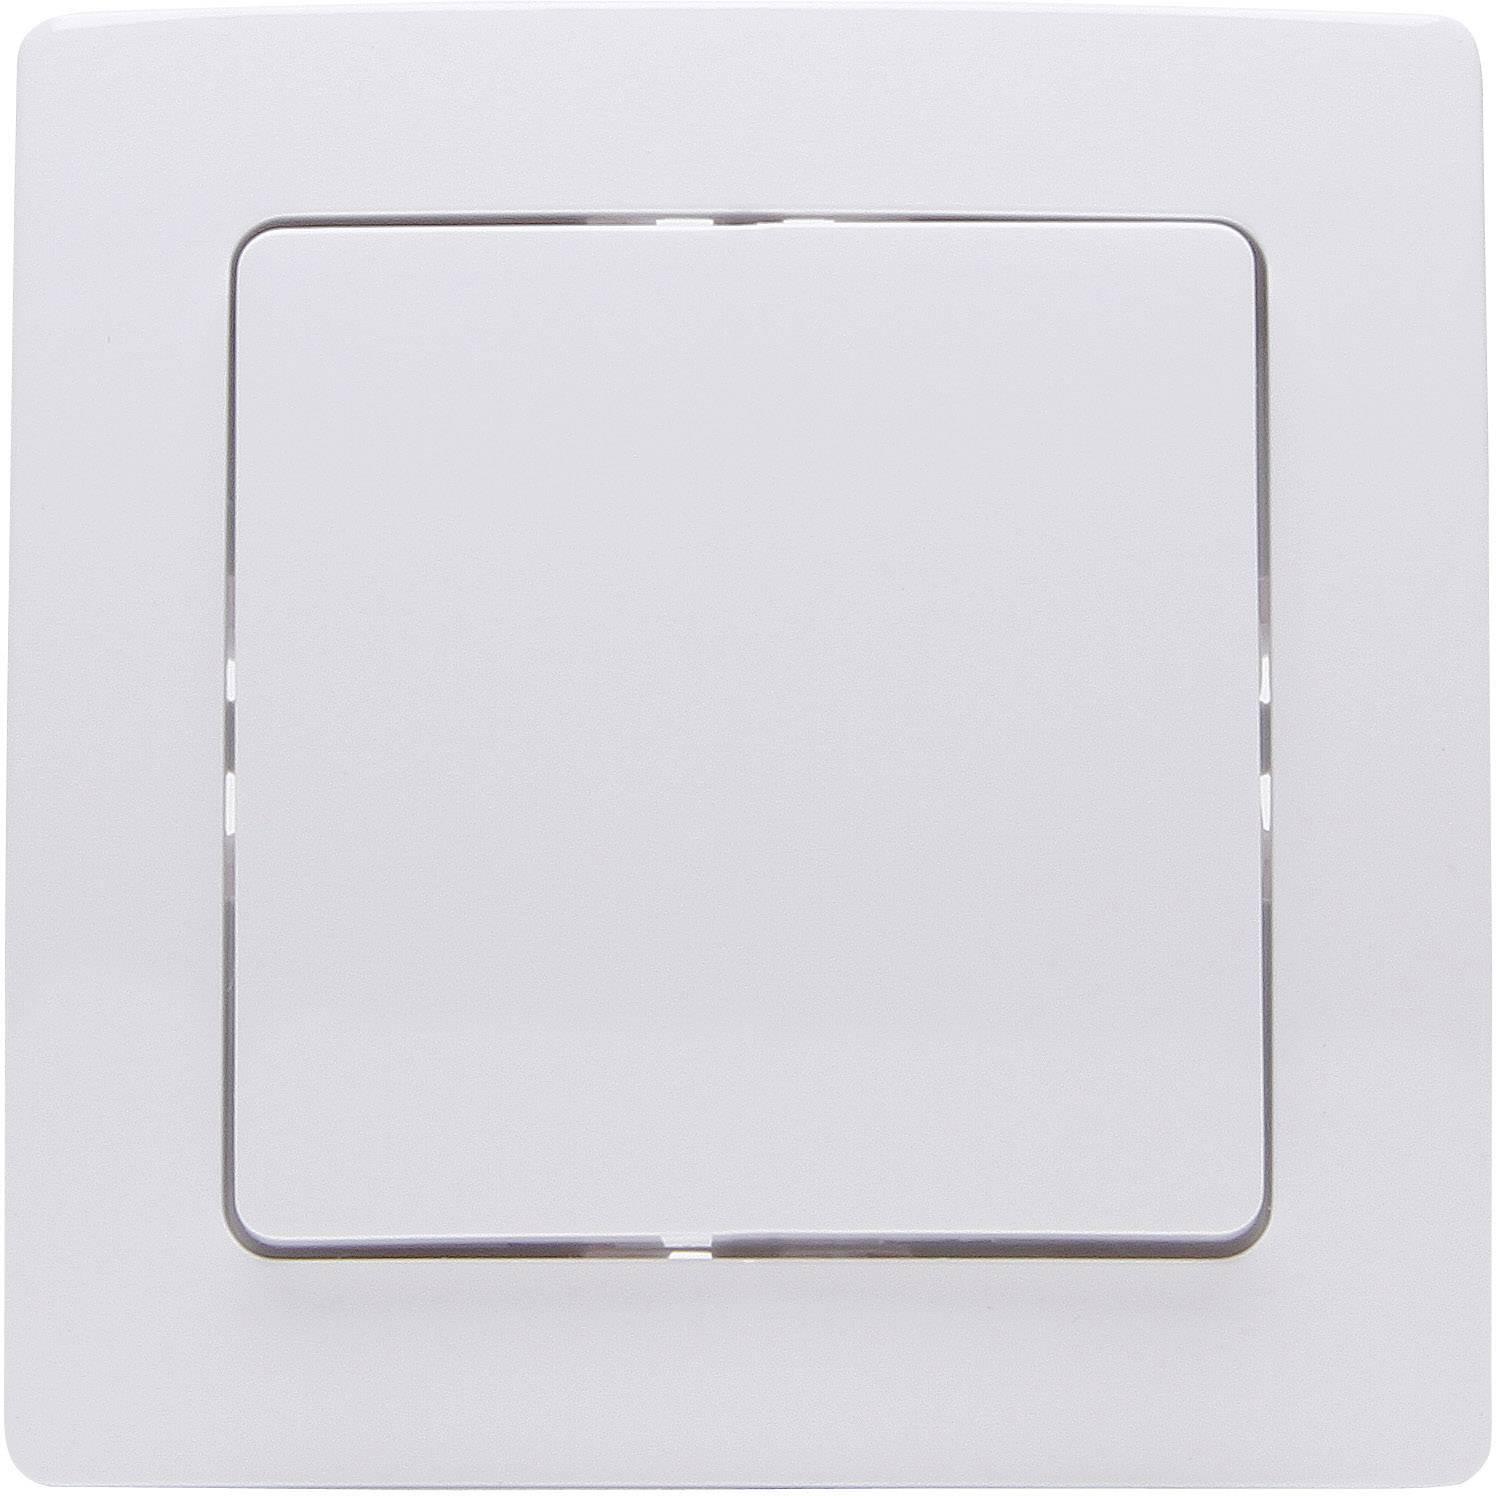 Bezdrôtový nástenný spínač Kopp Free Control FC HK 05 1/2 822002026, 2-kanálový, arktická biela